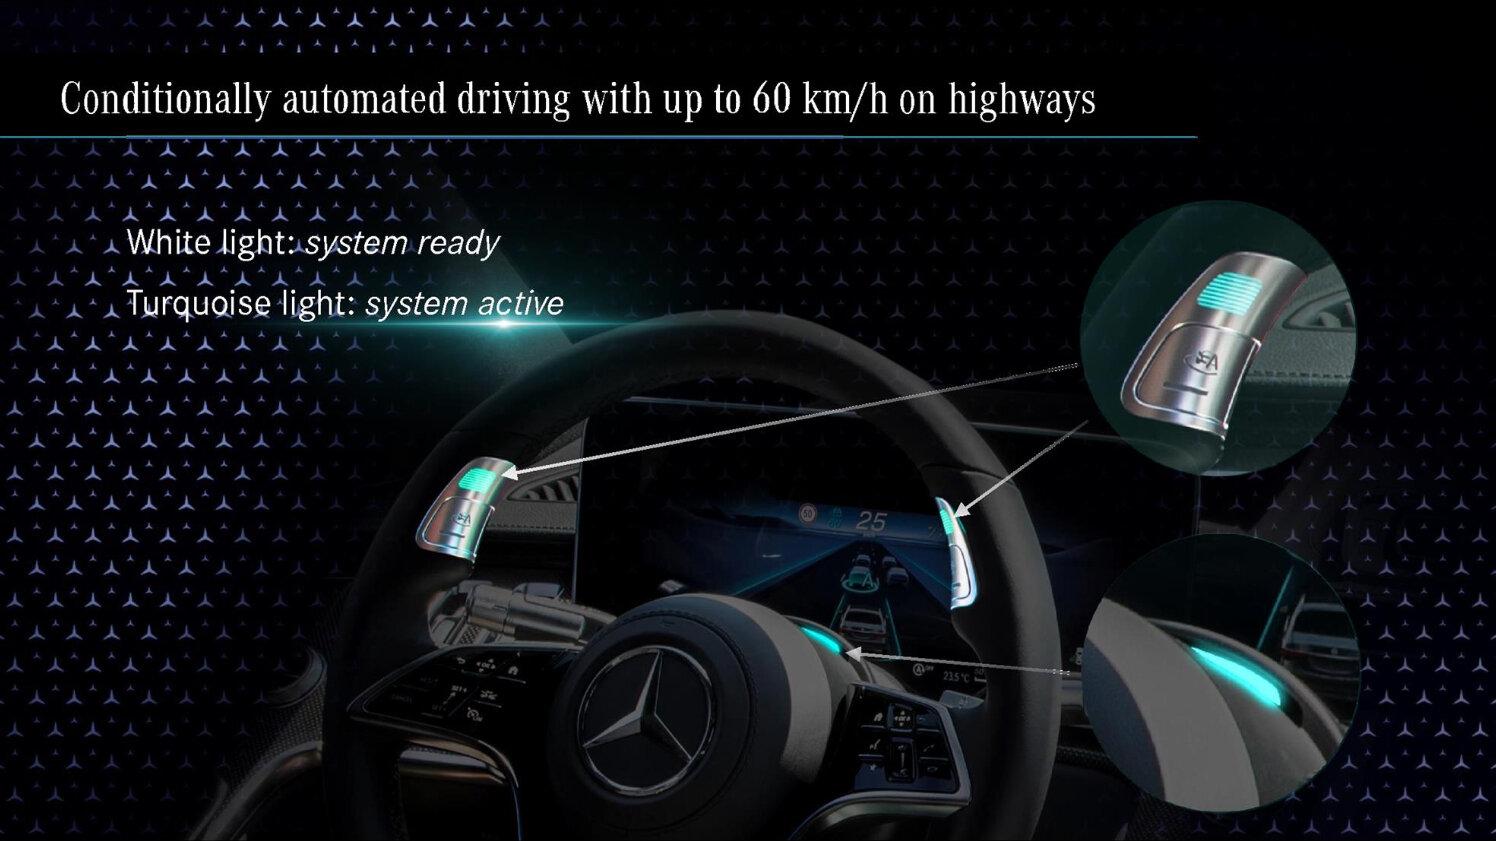 Türkise Beleuchtung bei aktivem Drive Pilot